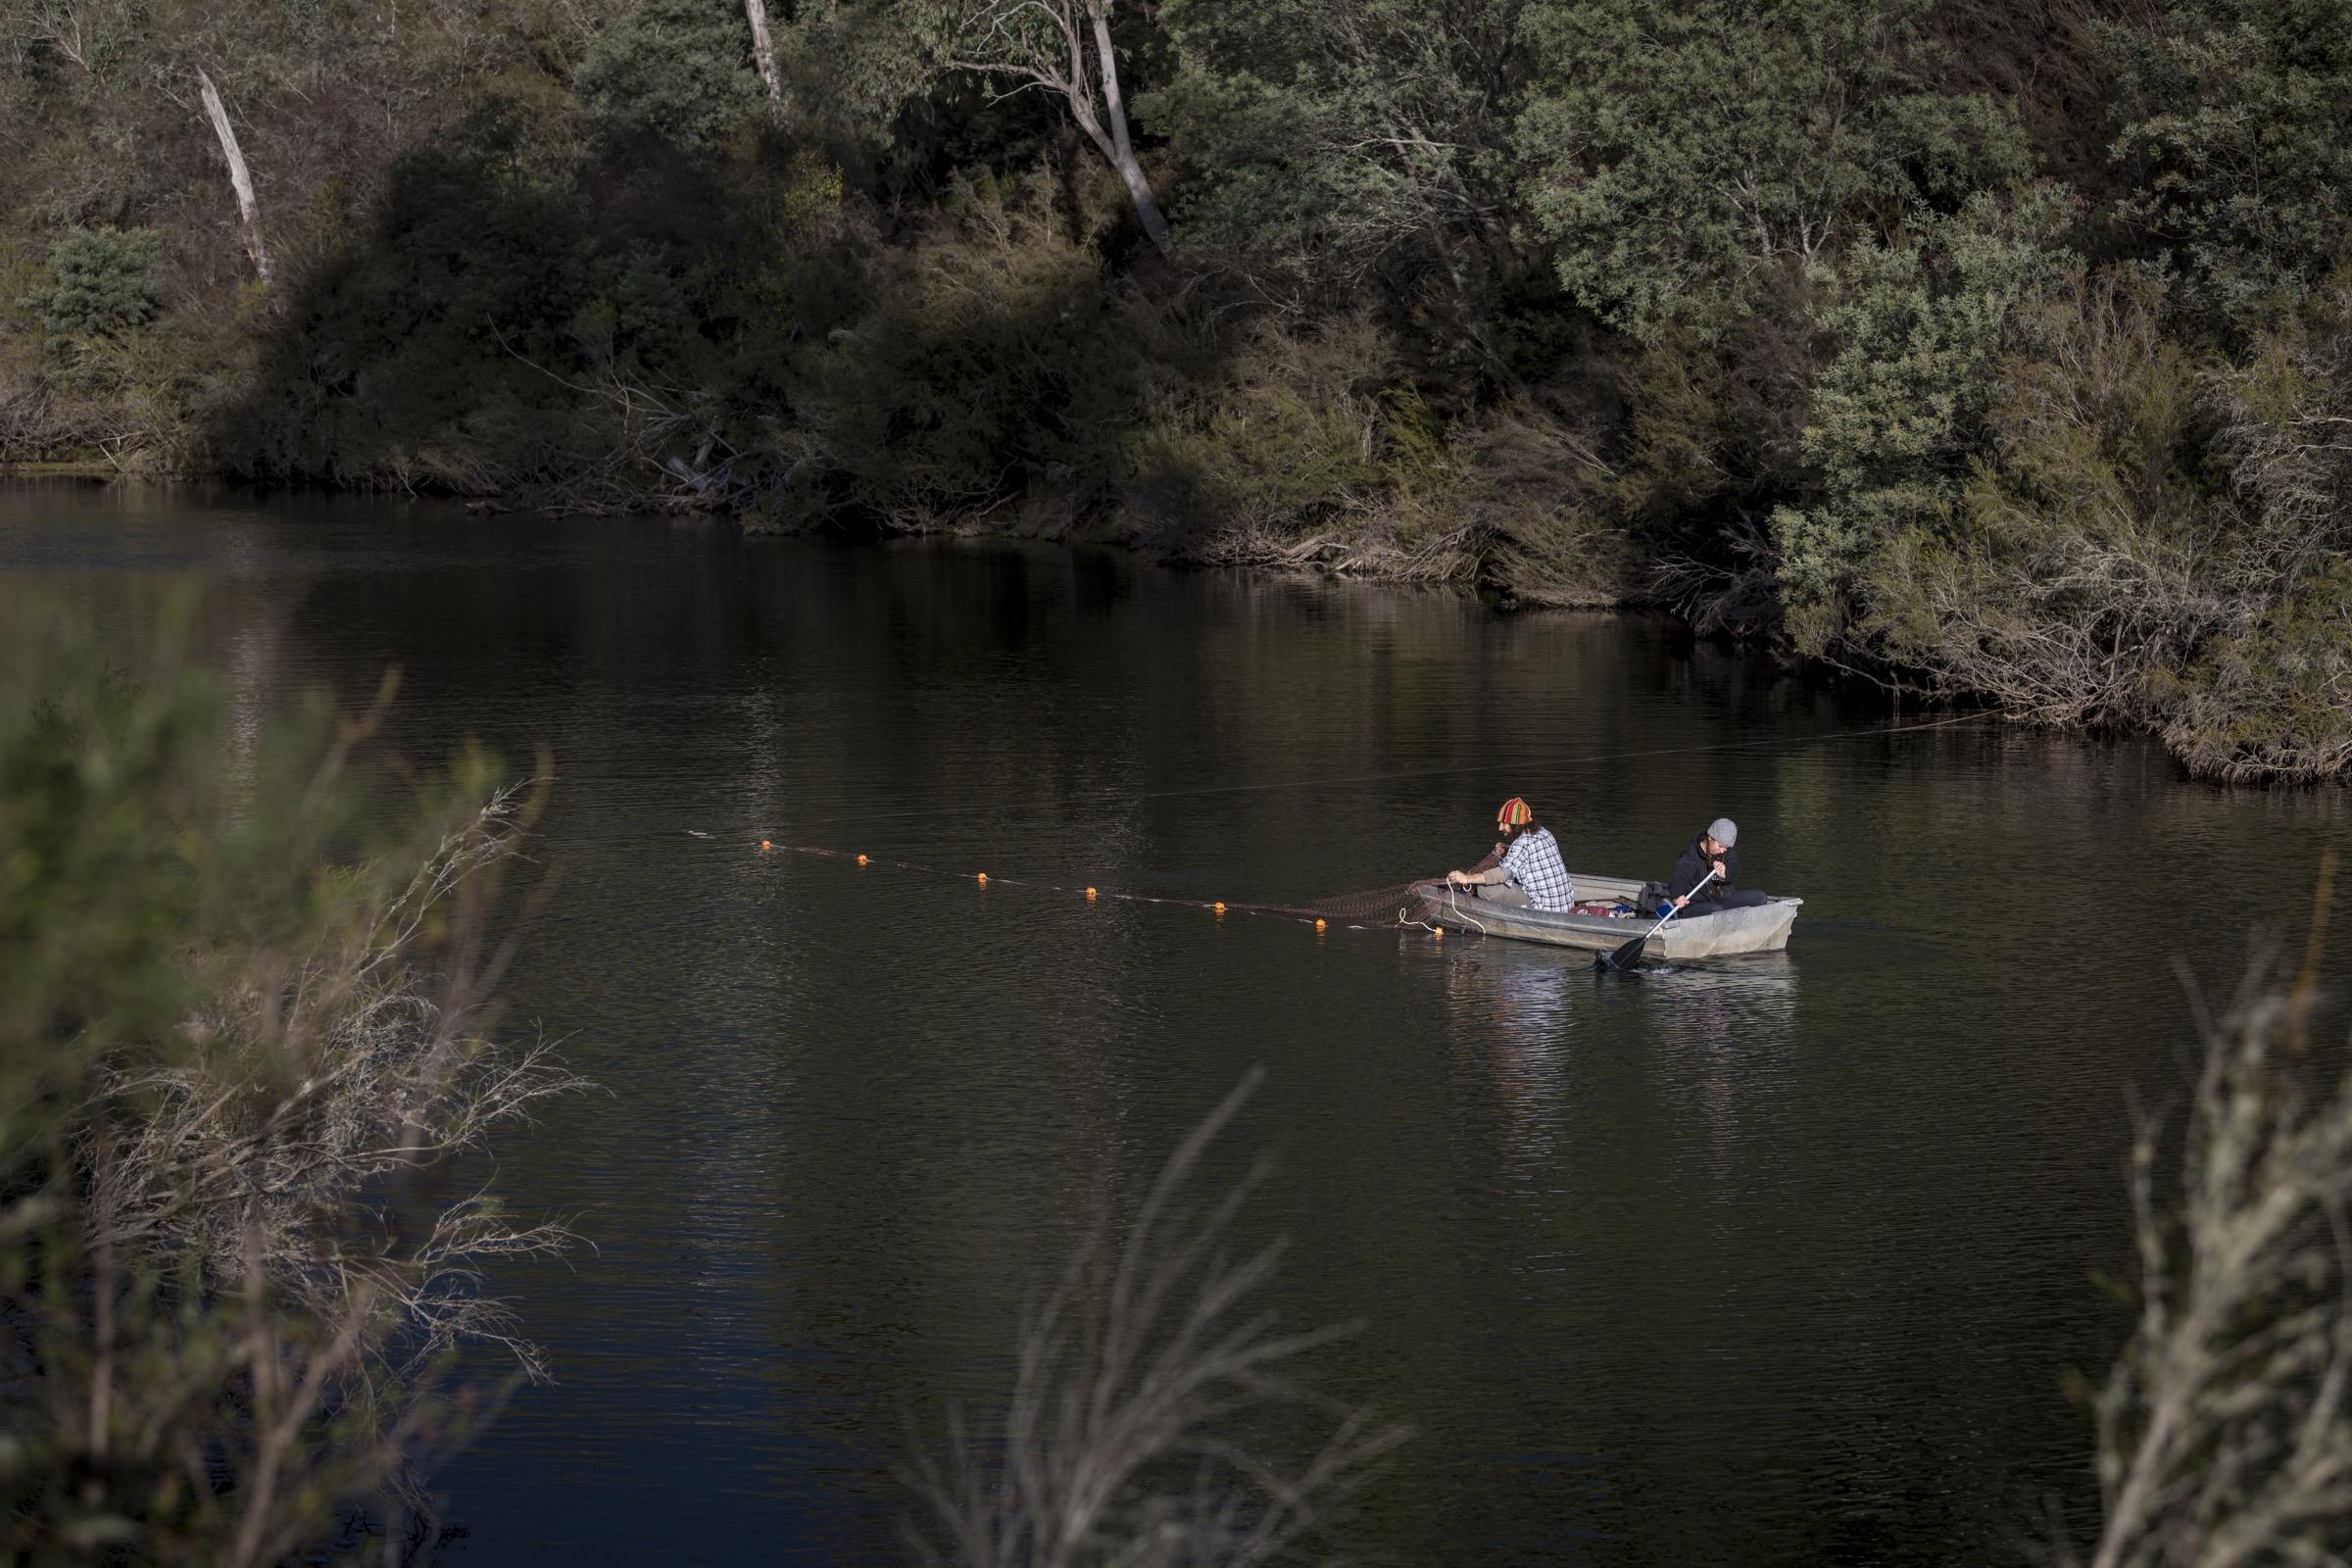 Los investigadores colocan redes en el río Mitta Mitta cerca de Dartmouth, Victoria, en un intento de atrapar y marcar ornitorrincos residentes.